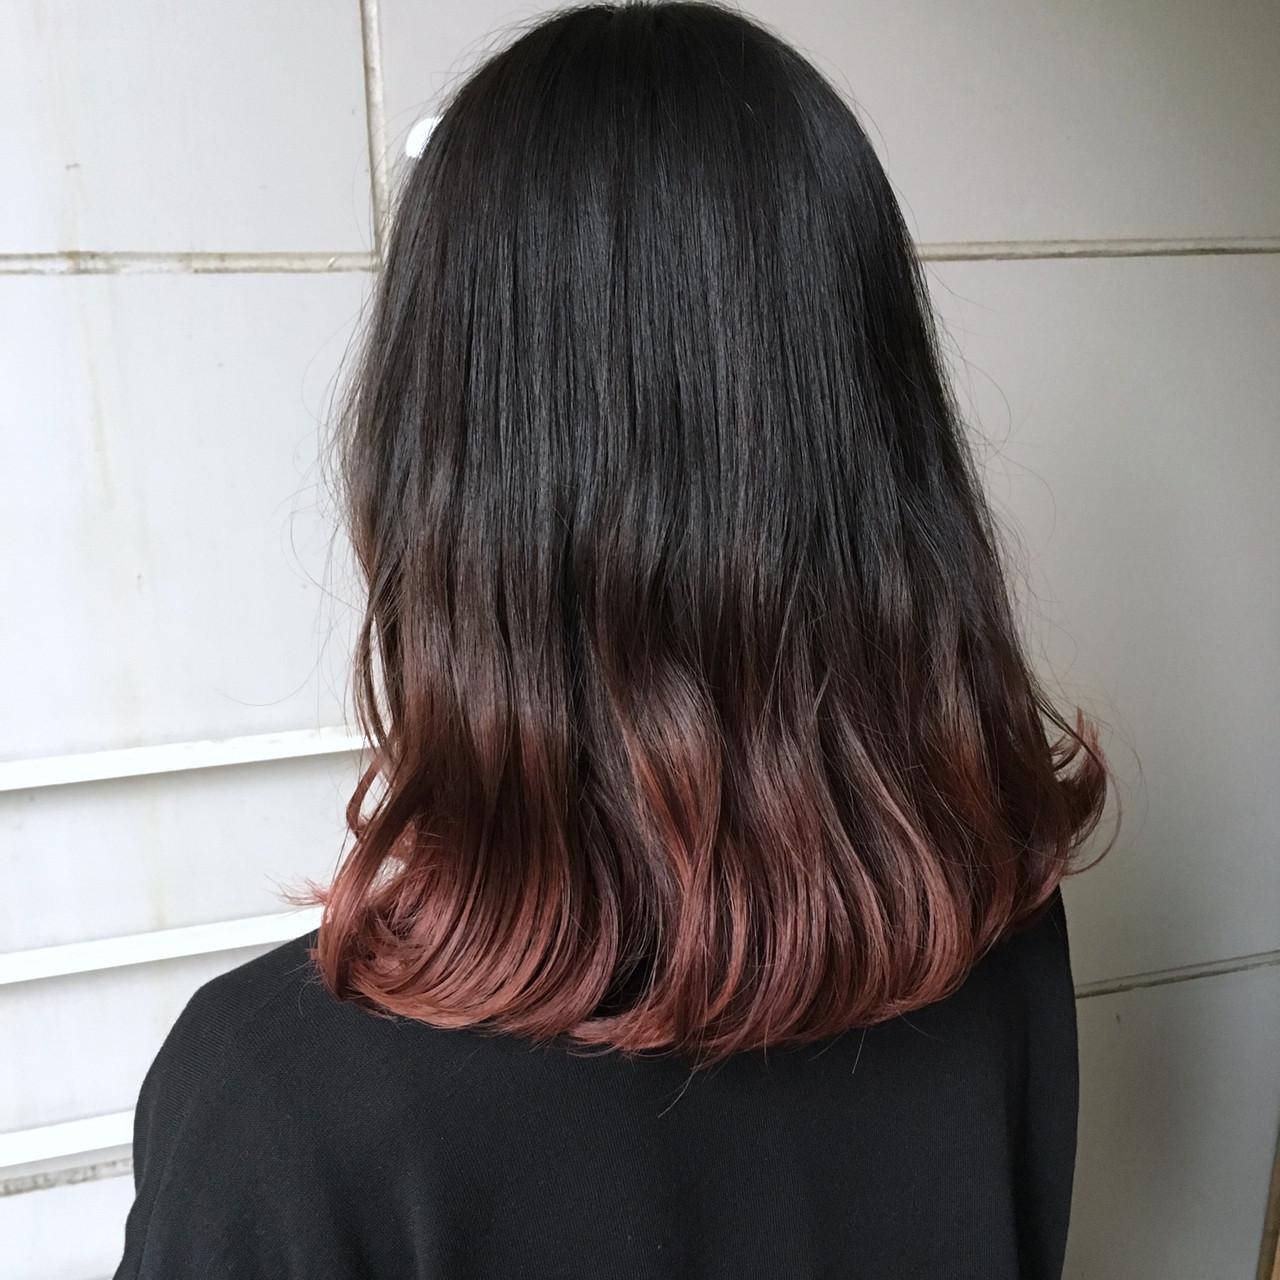 ピンクパープル ベリーピンク ナチュラル ミディアム ヘアスタイルや髪型の写真・画像